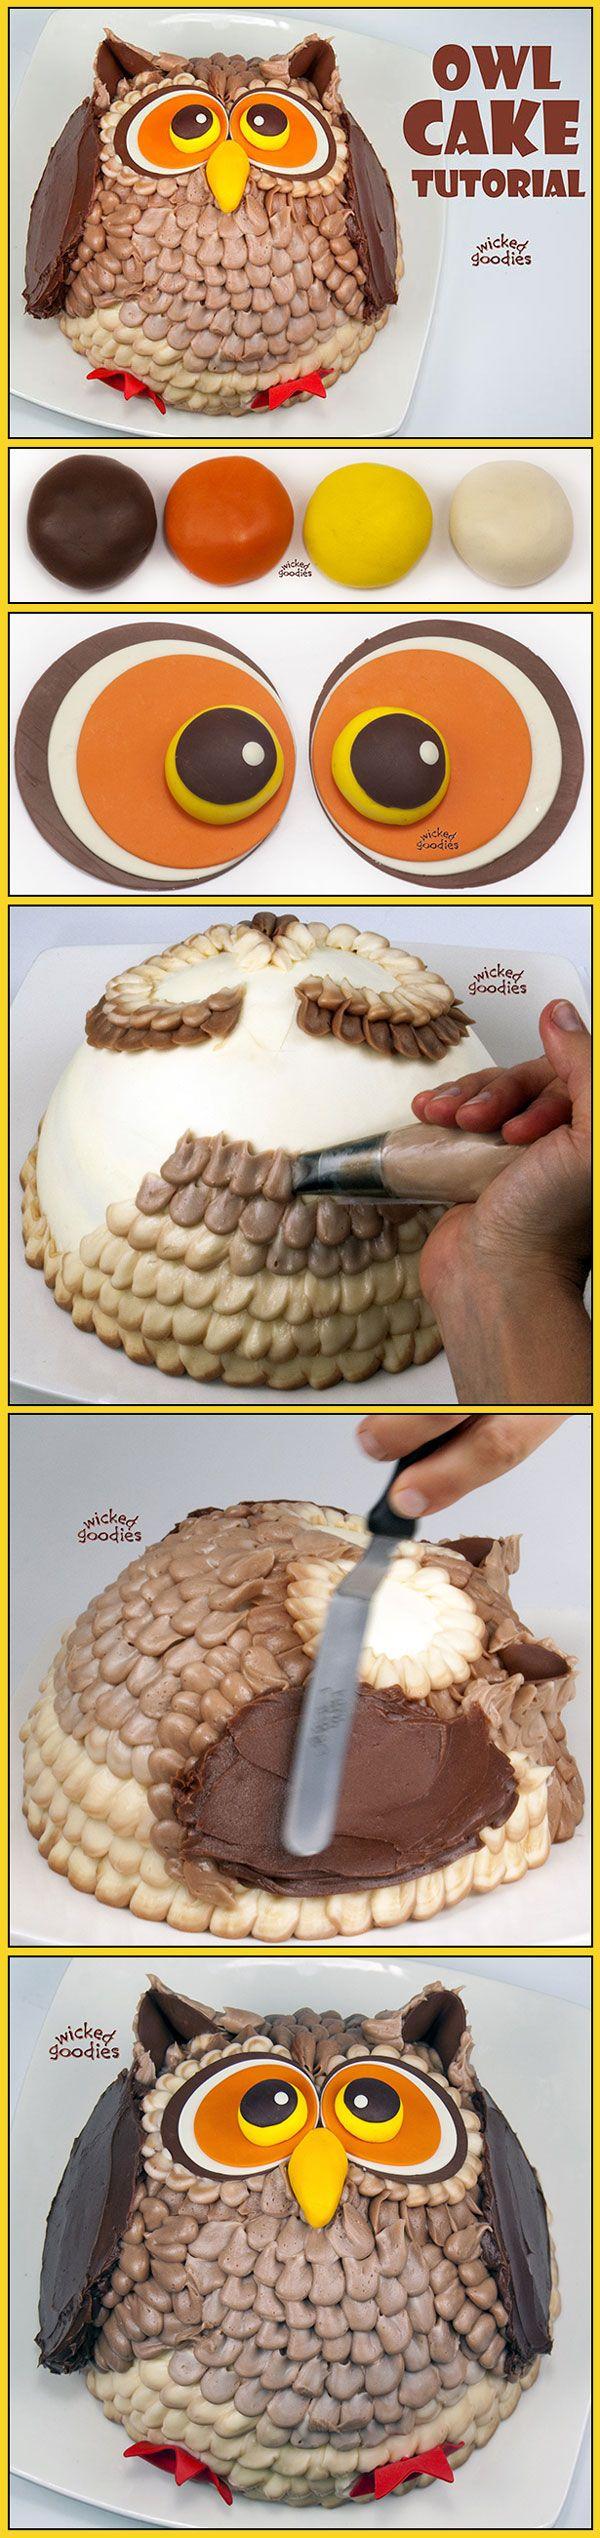 Как сделать защипы на торте из мастики